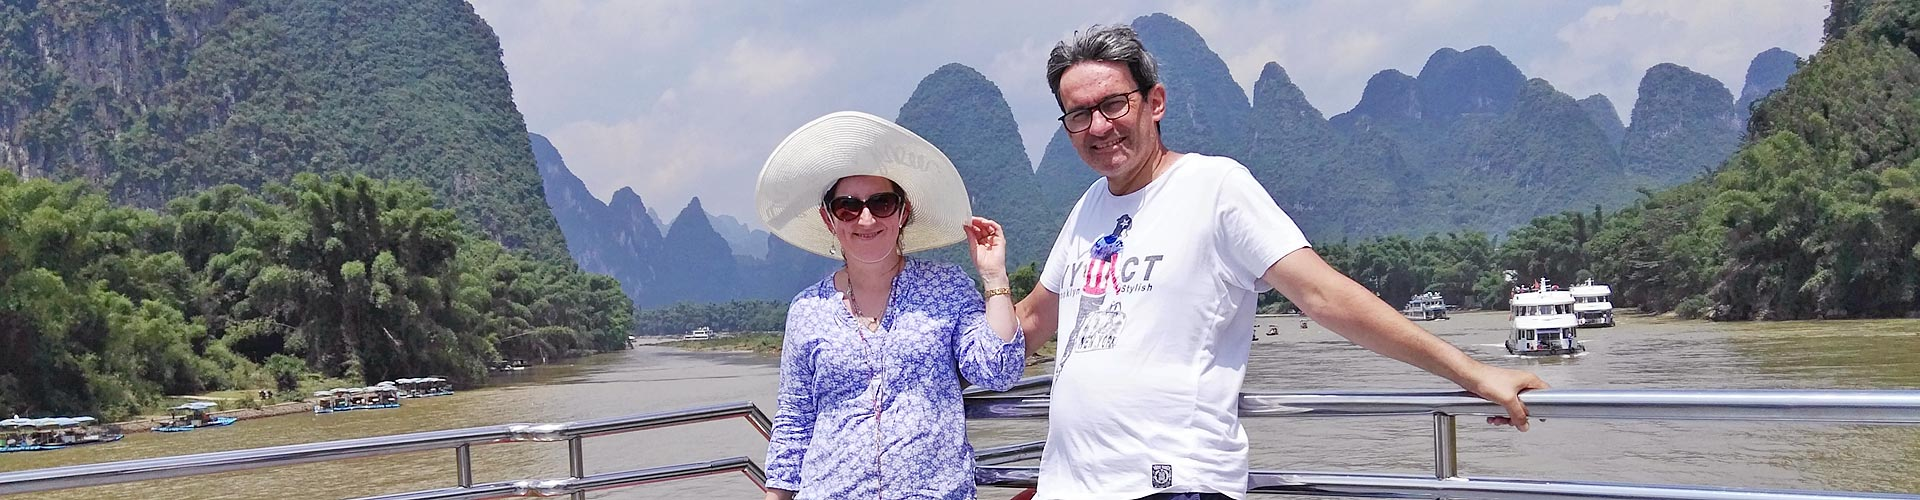 voyageur pendant la croisière  sur la rivière Li